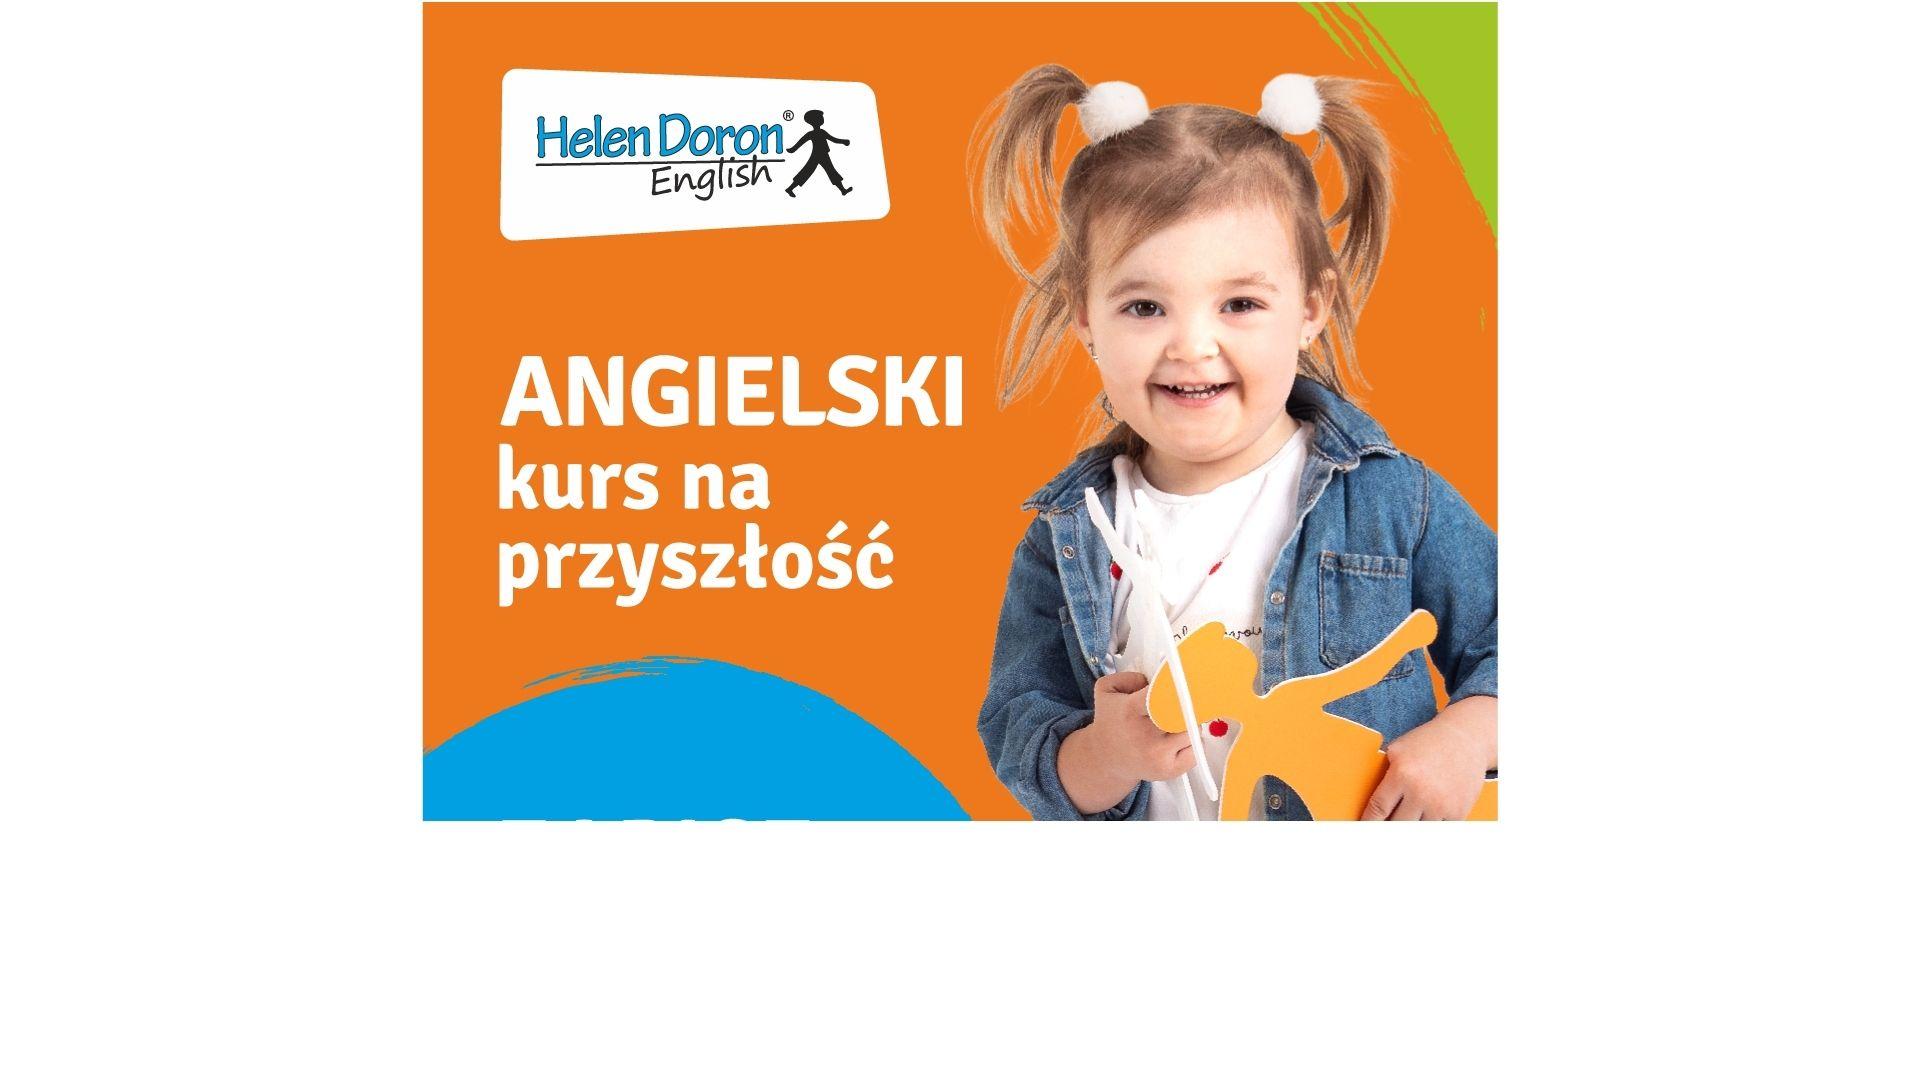 Zajęcia dla dwulatka, angielski dla trzylatka